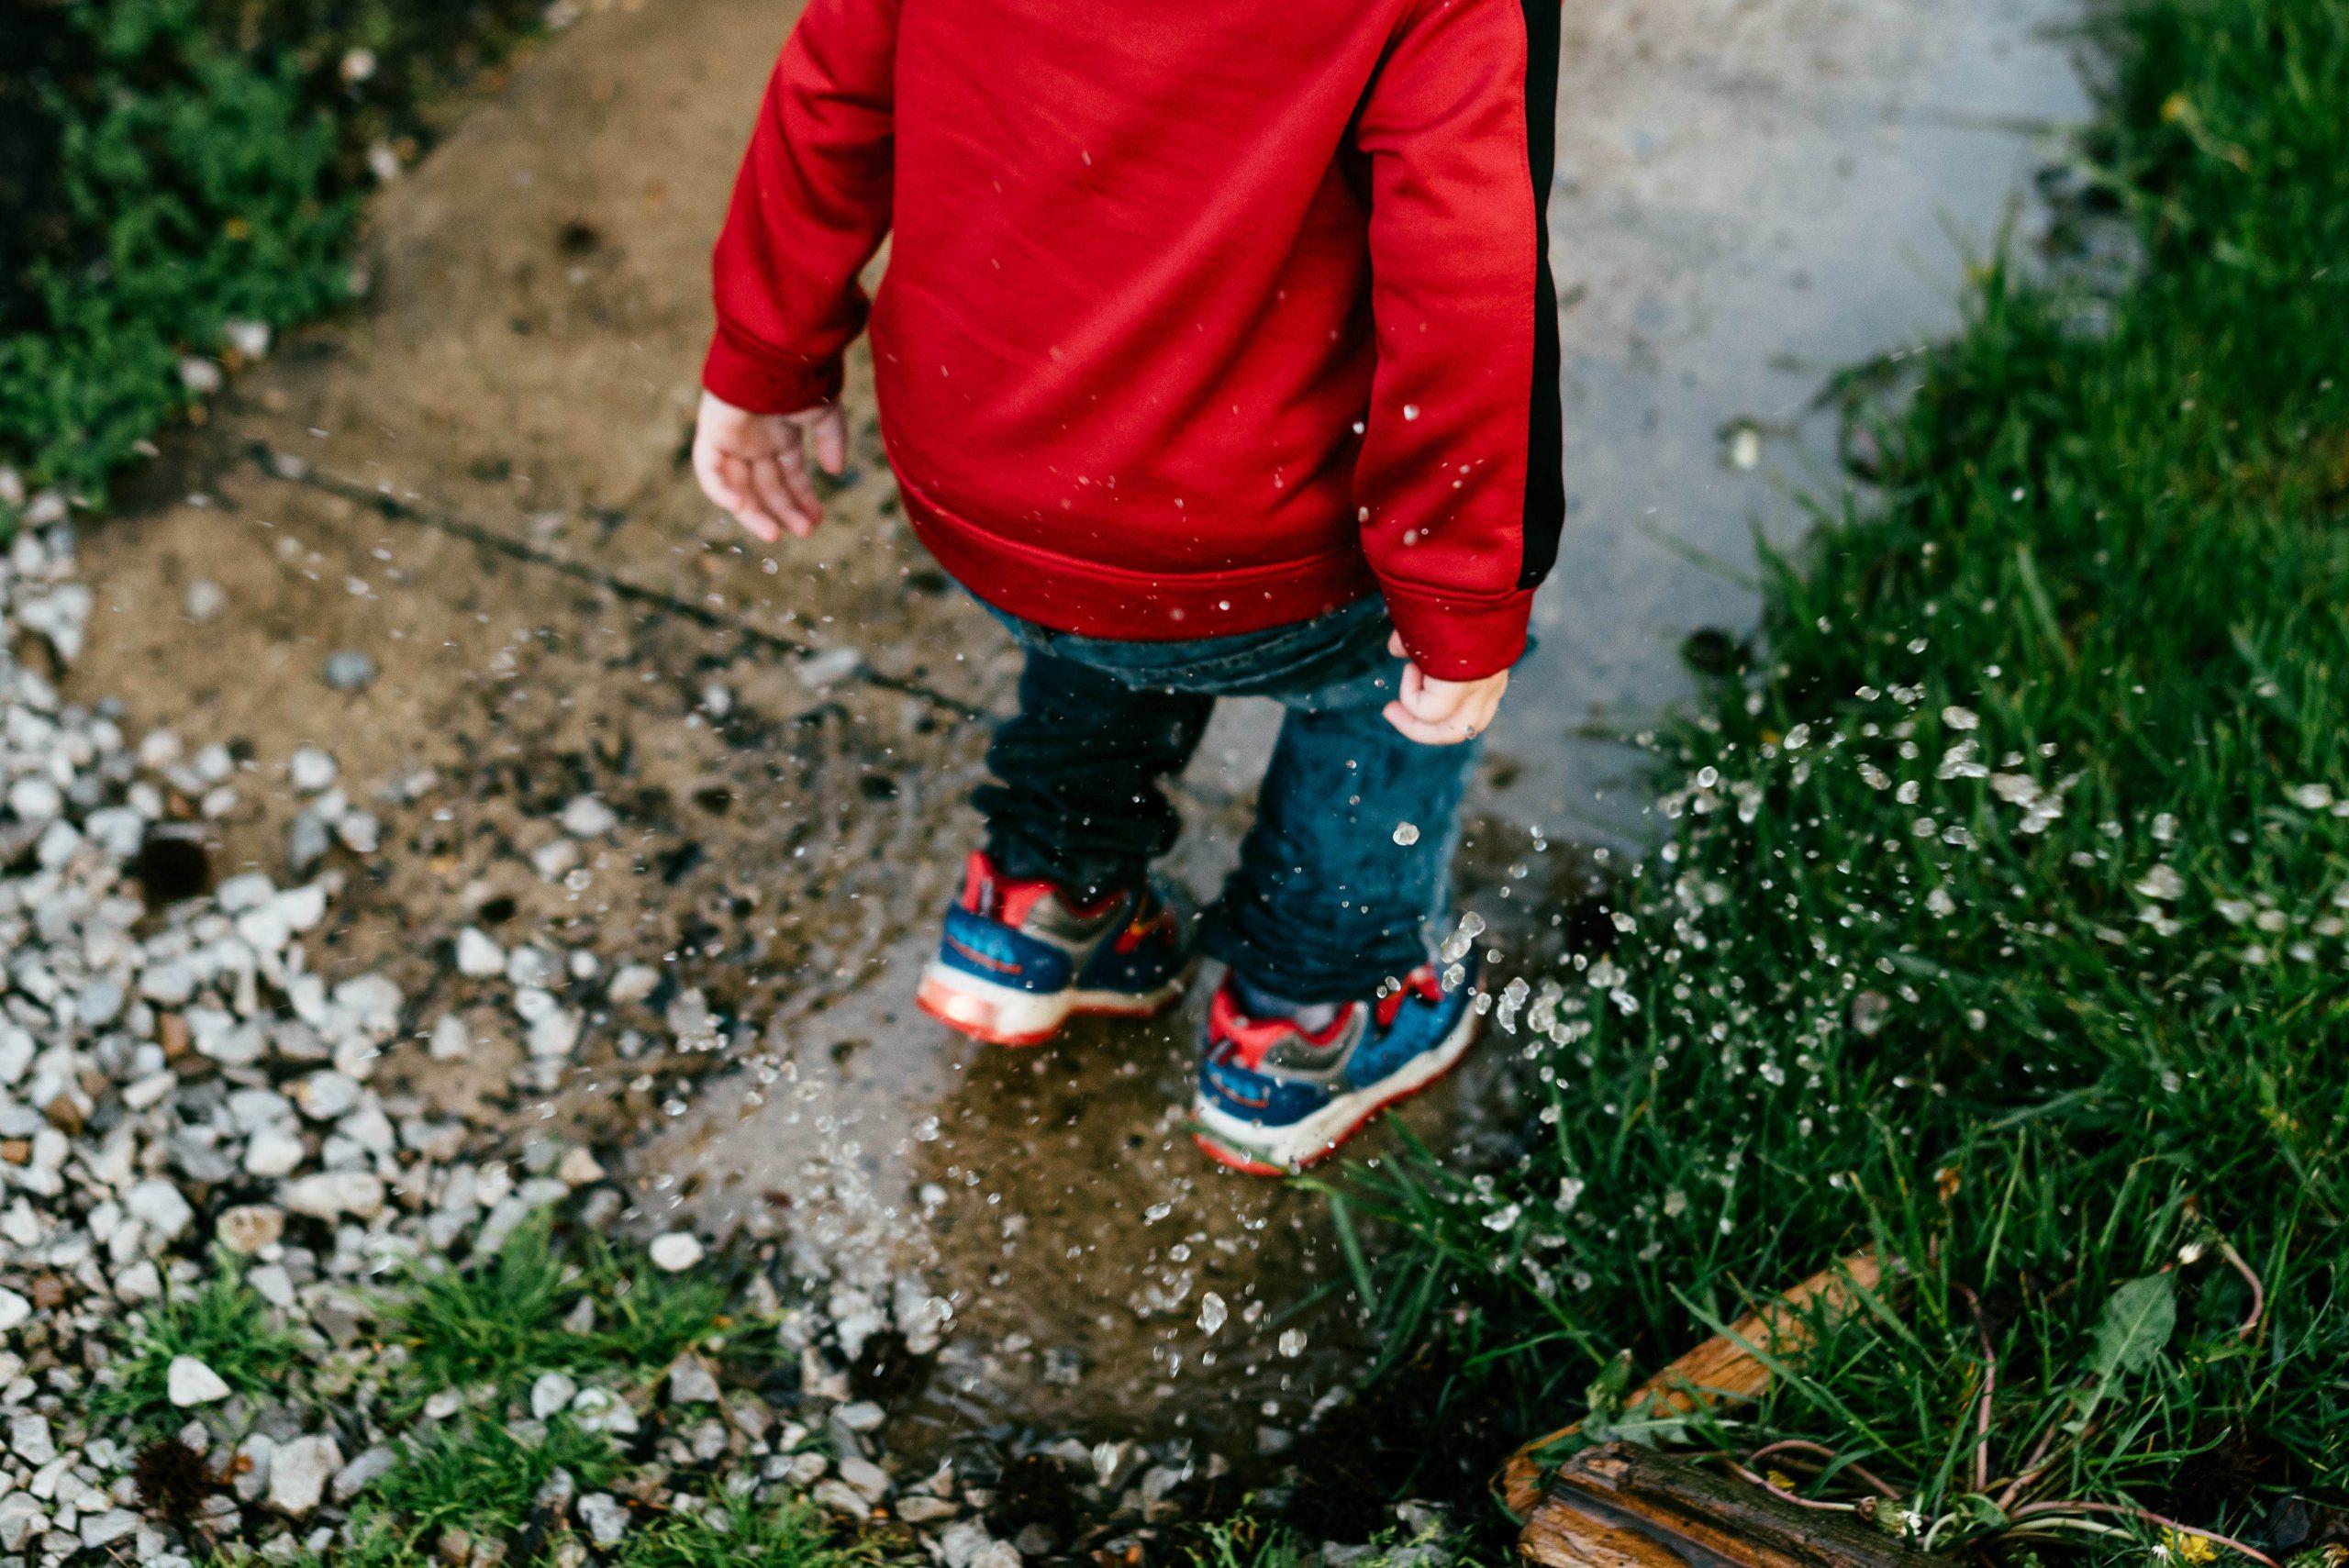 bambino che salta in una pozzanghera